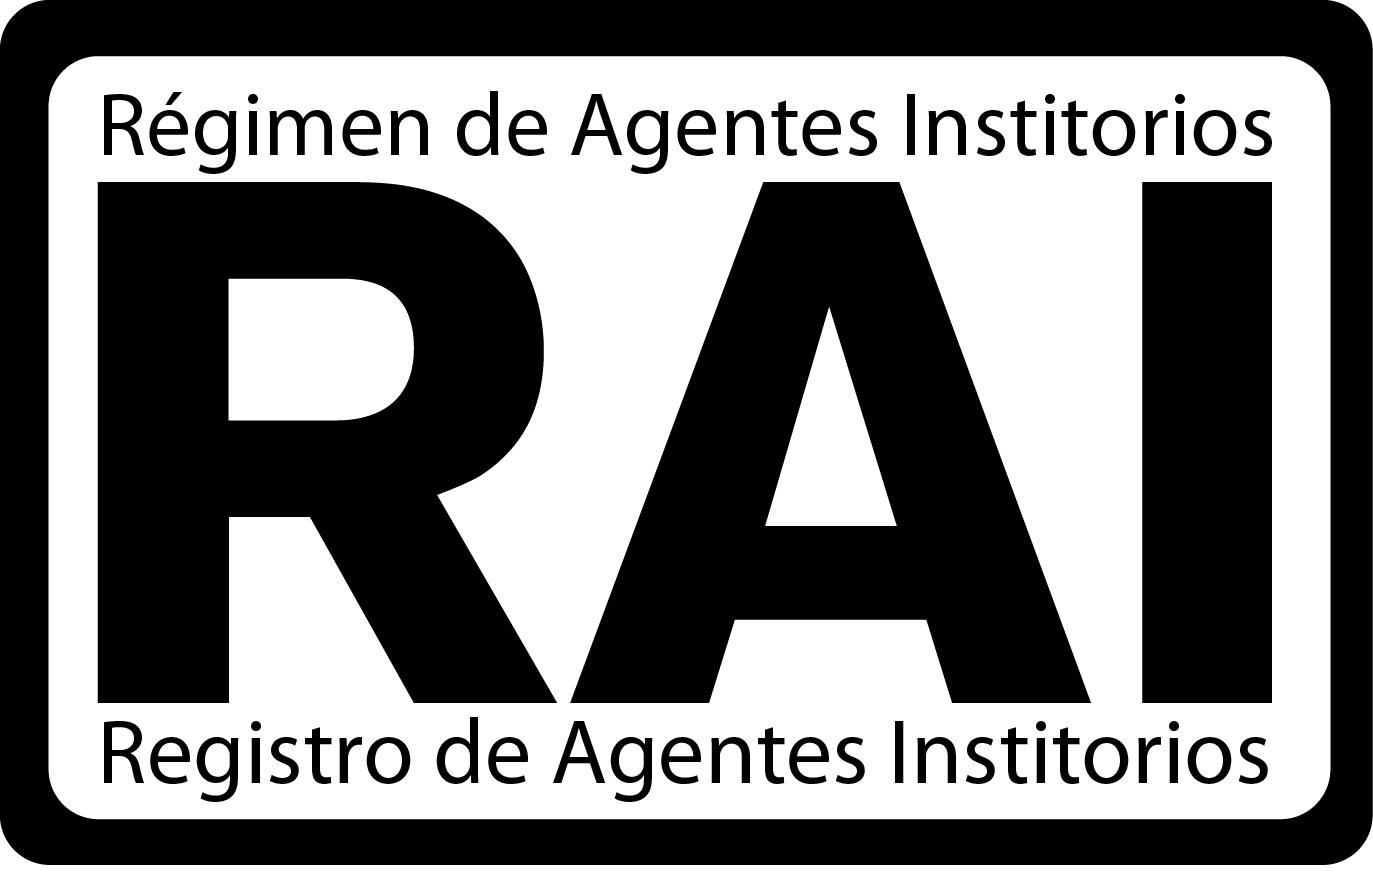 Régimen Agentes Institorios